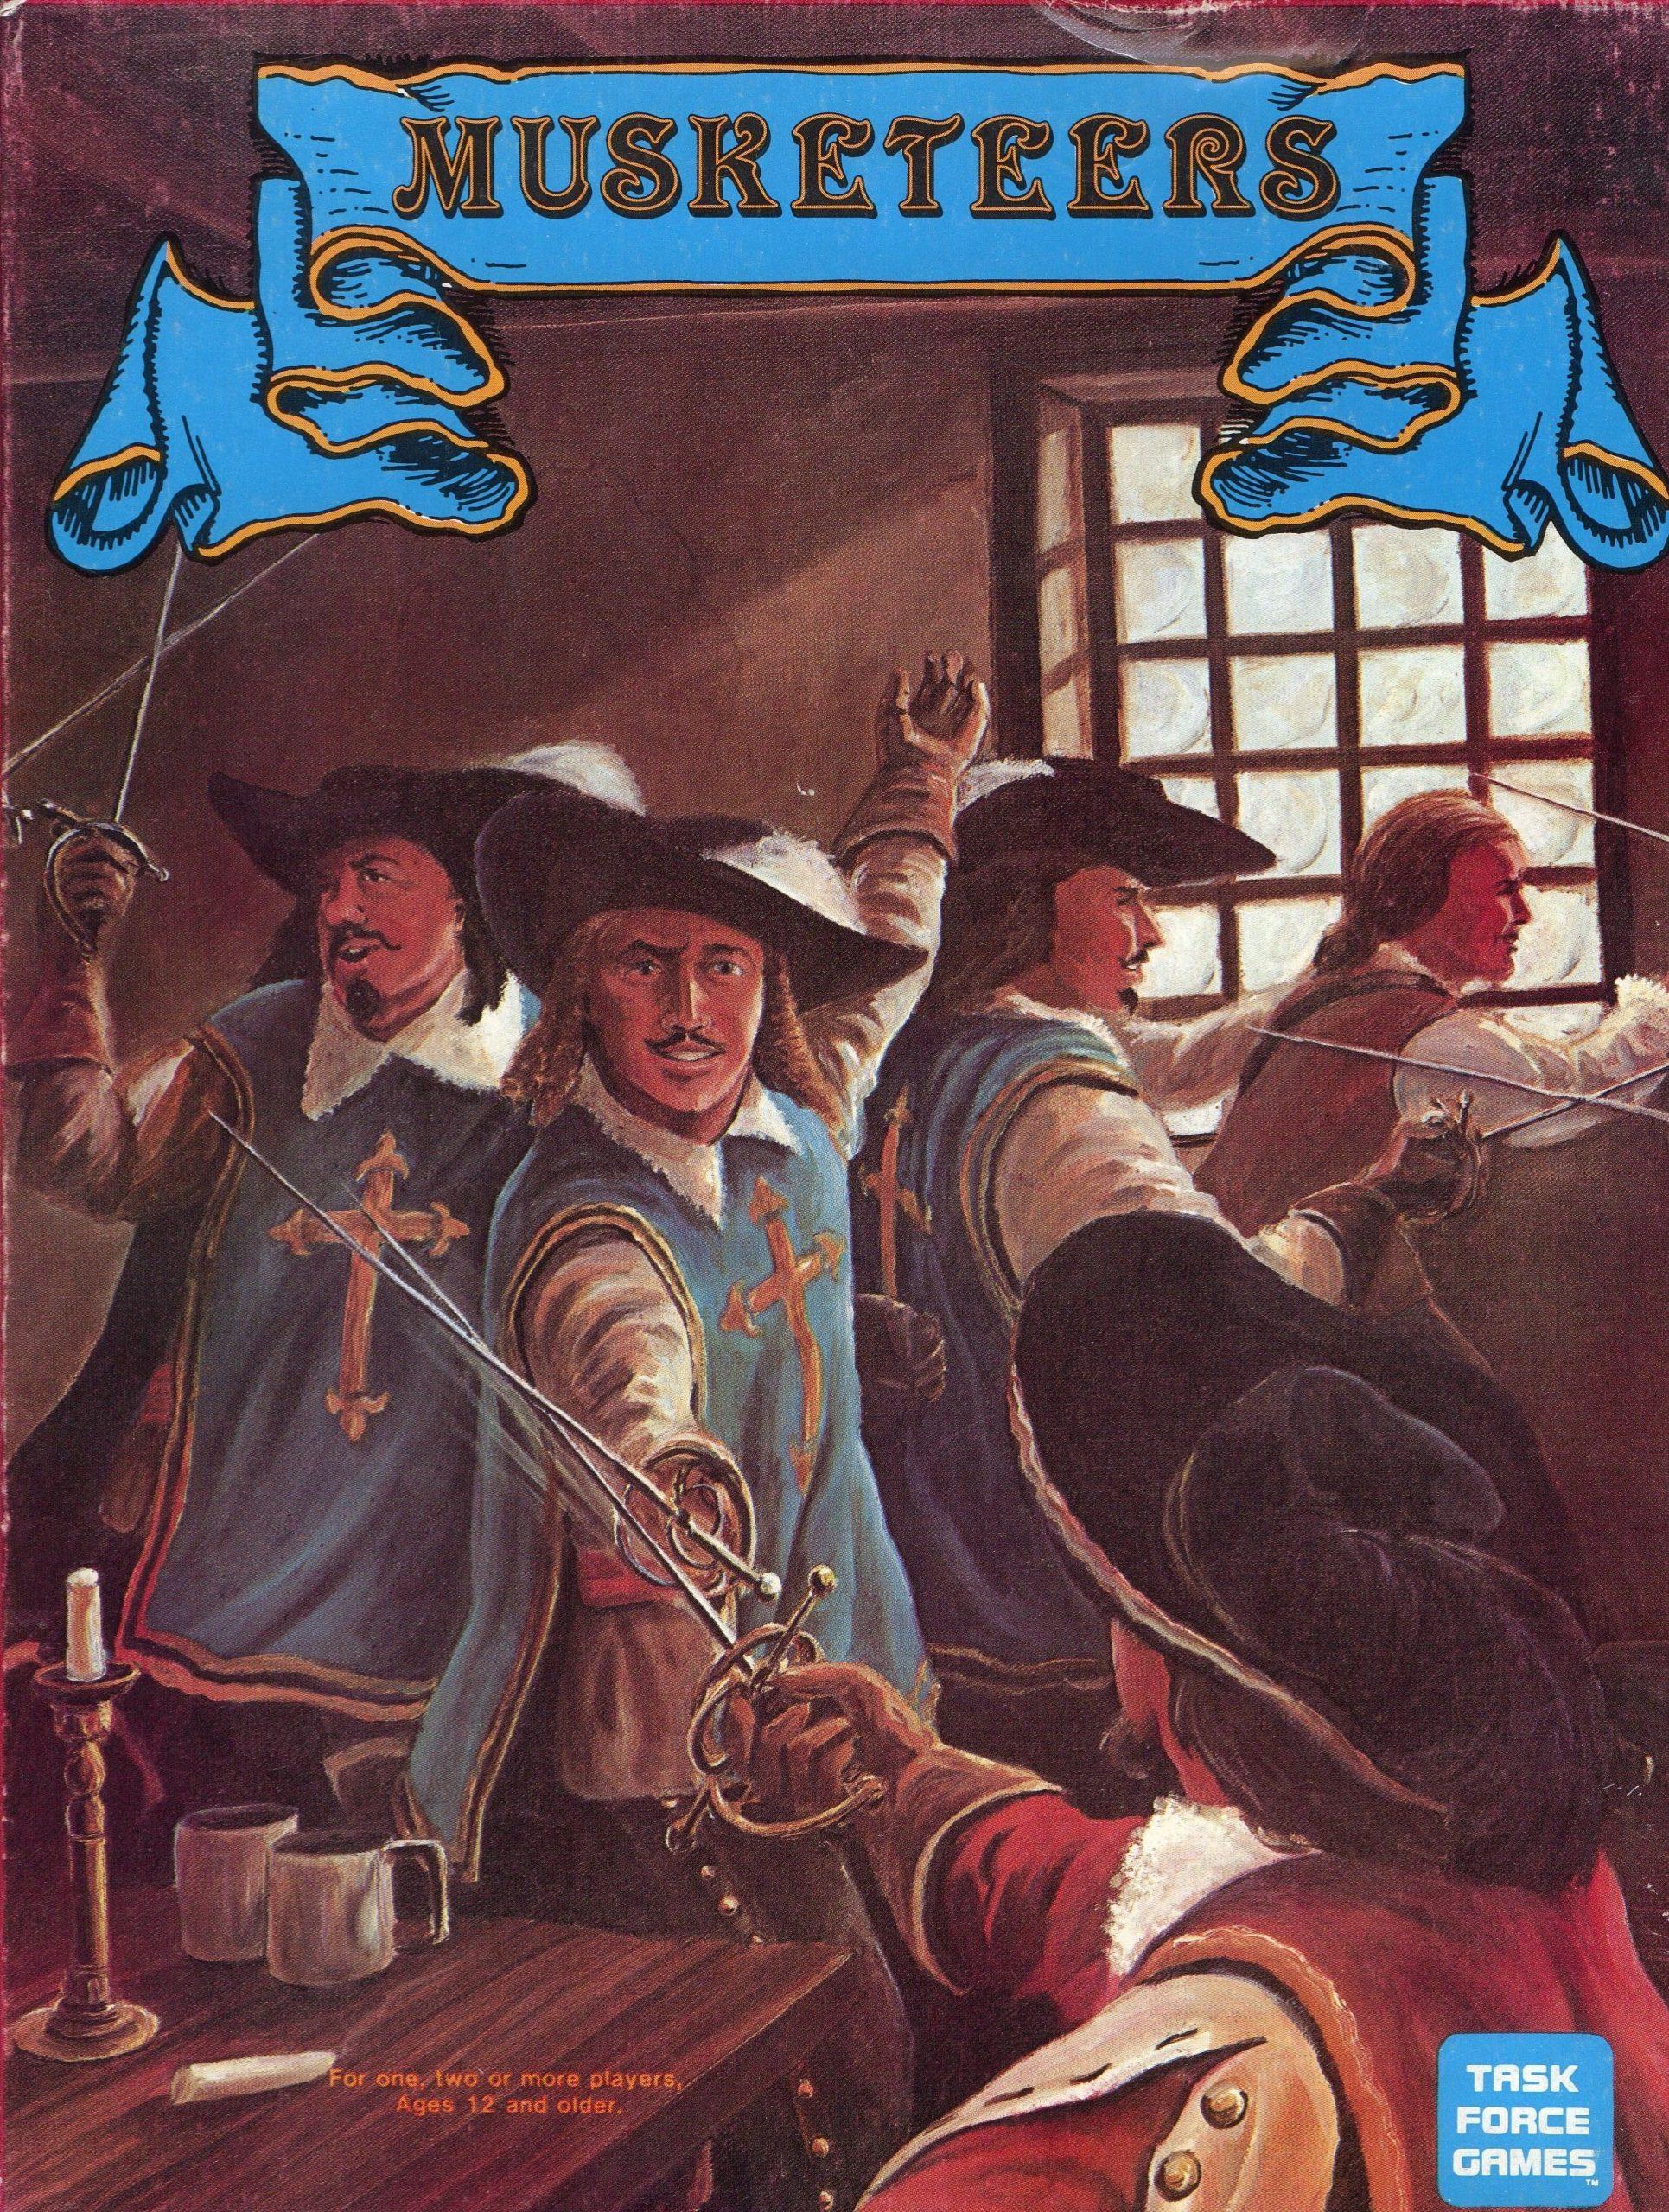 настольная игра Musketeers Мушкетеры